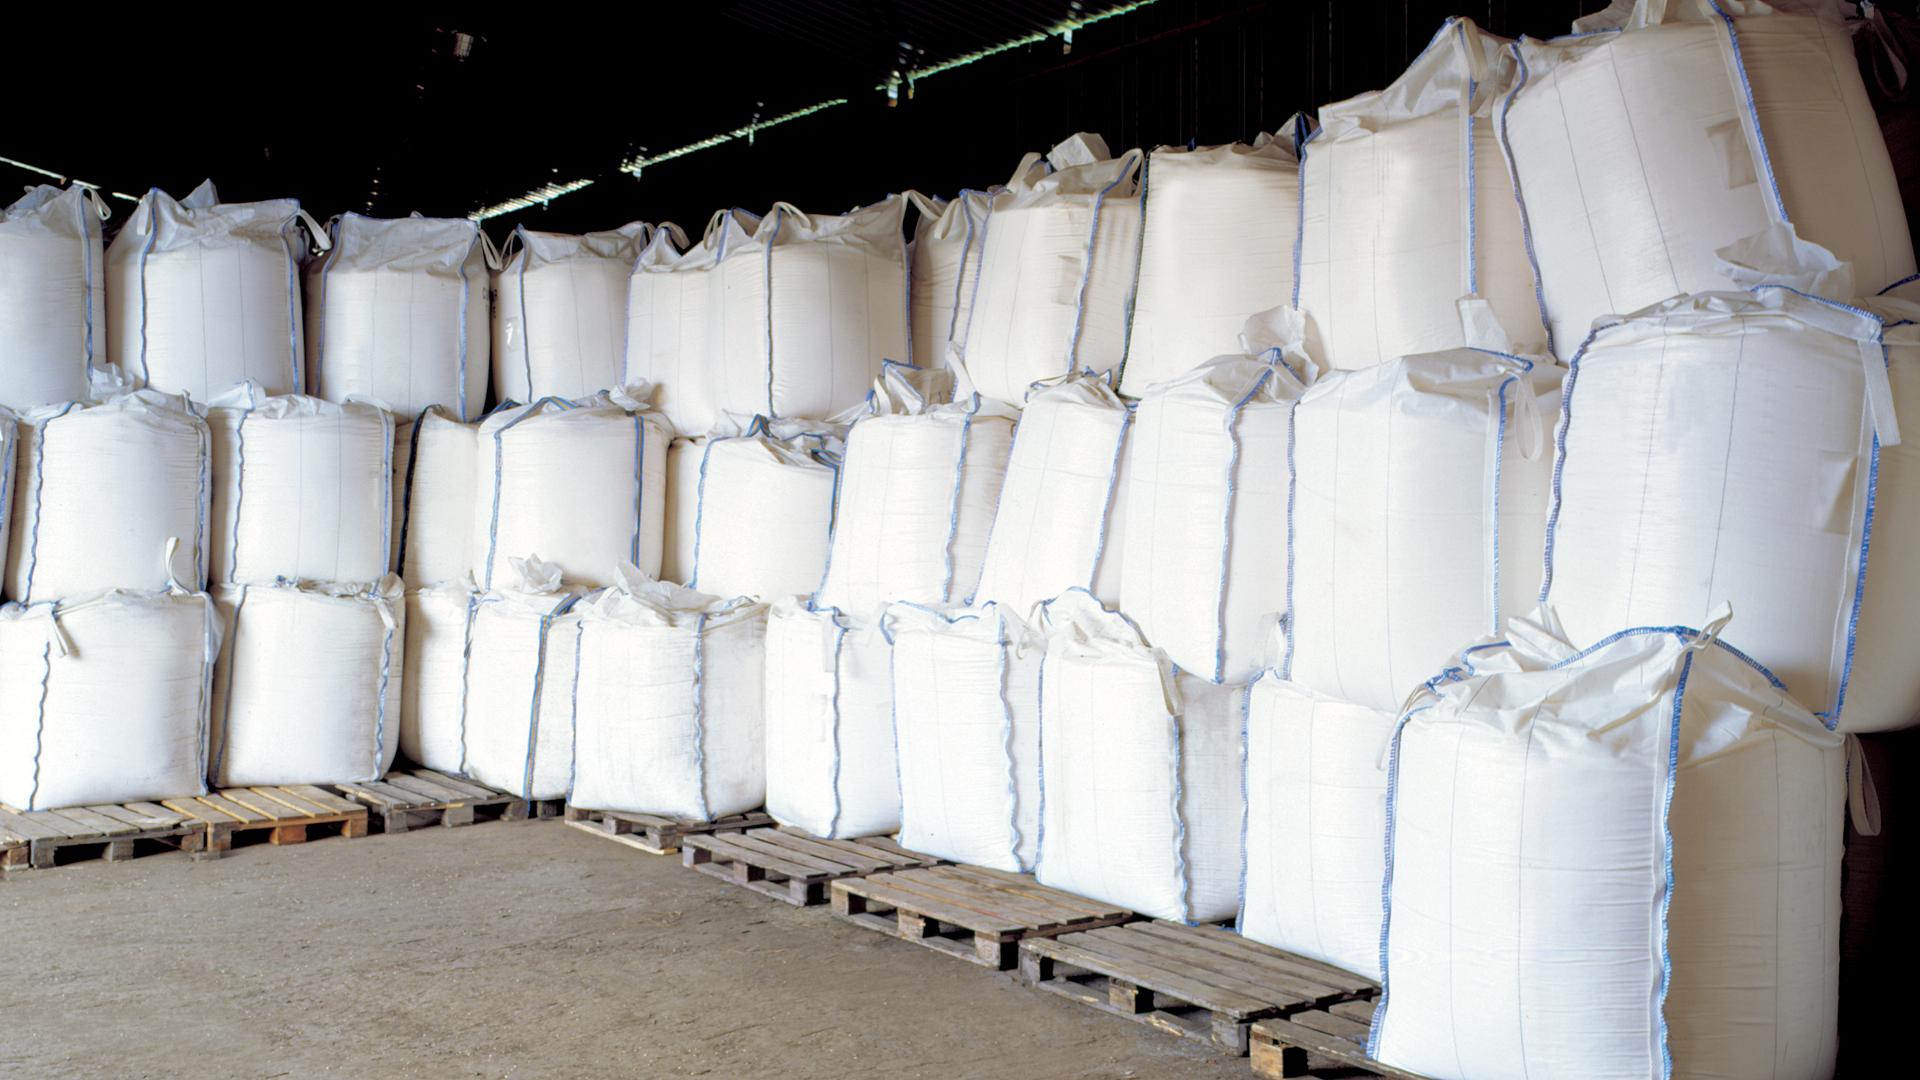 В Актюбинской области планируют ввести завод по производству мягкой тары    , Актюбинская область, Завод, производство , Мягкая тара